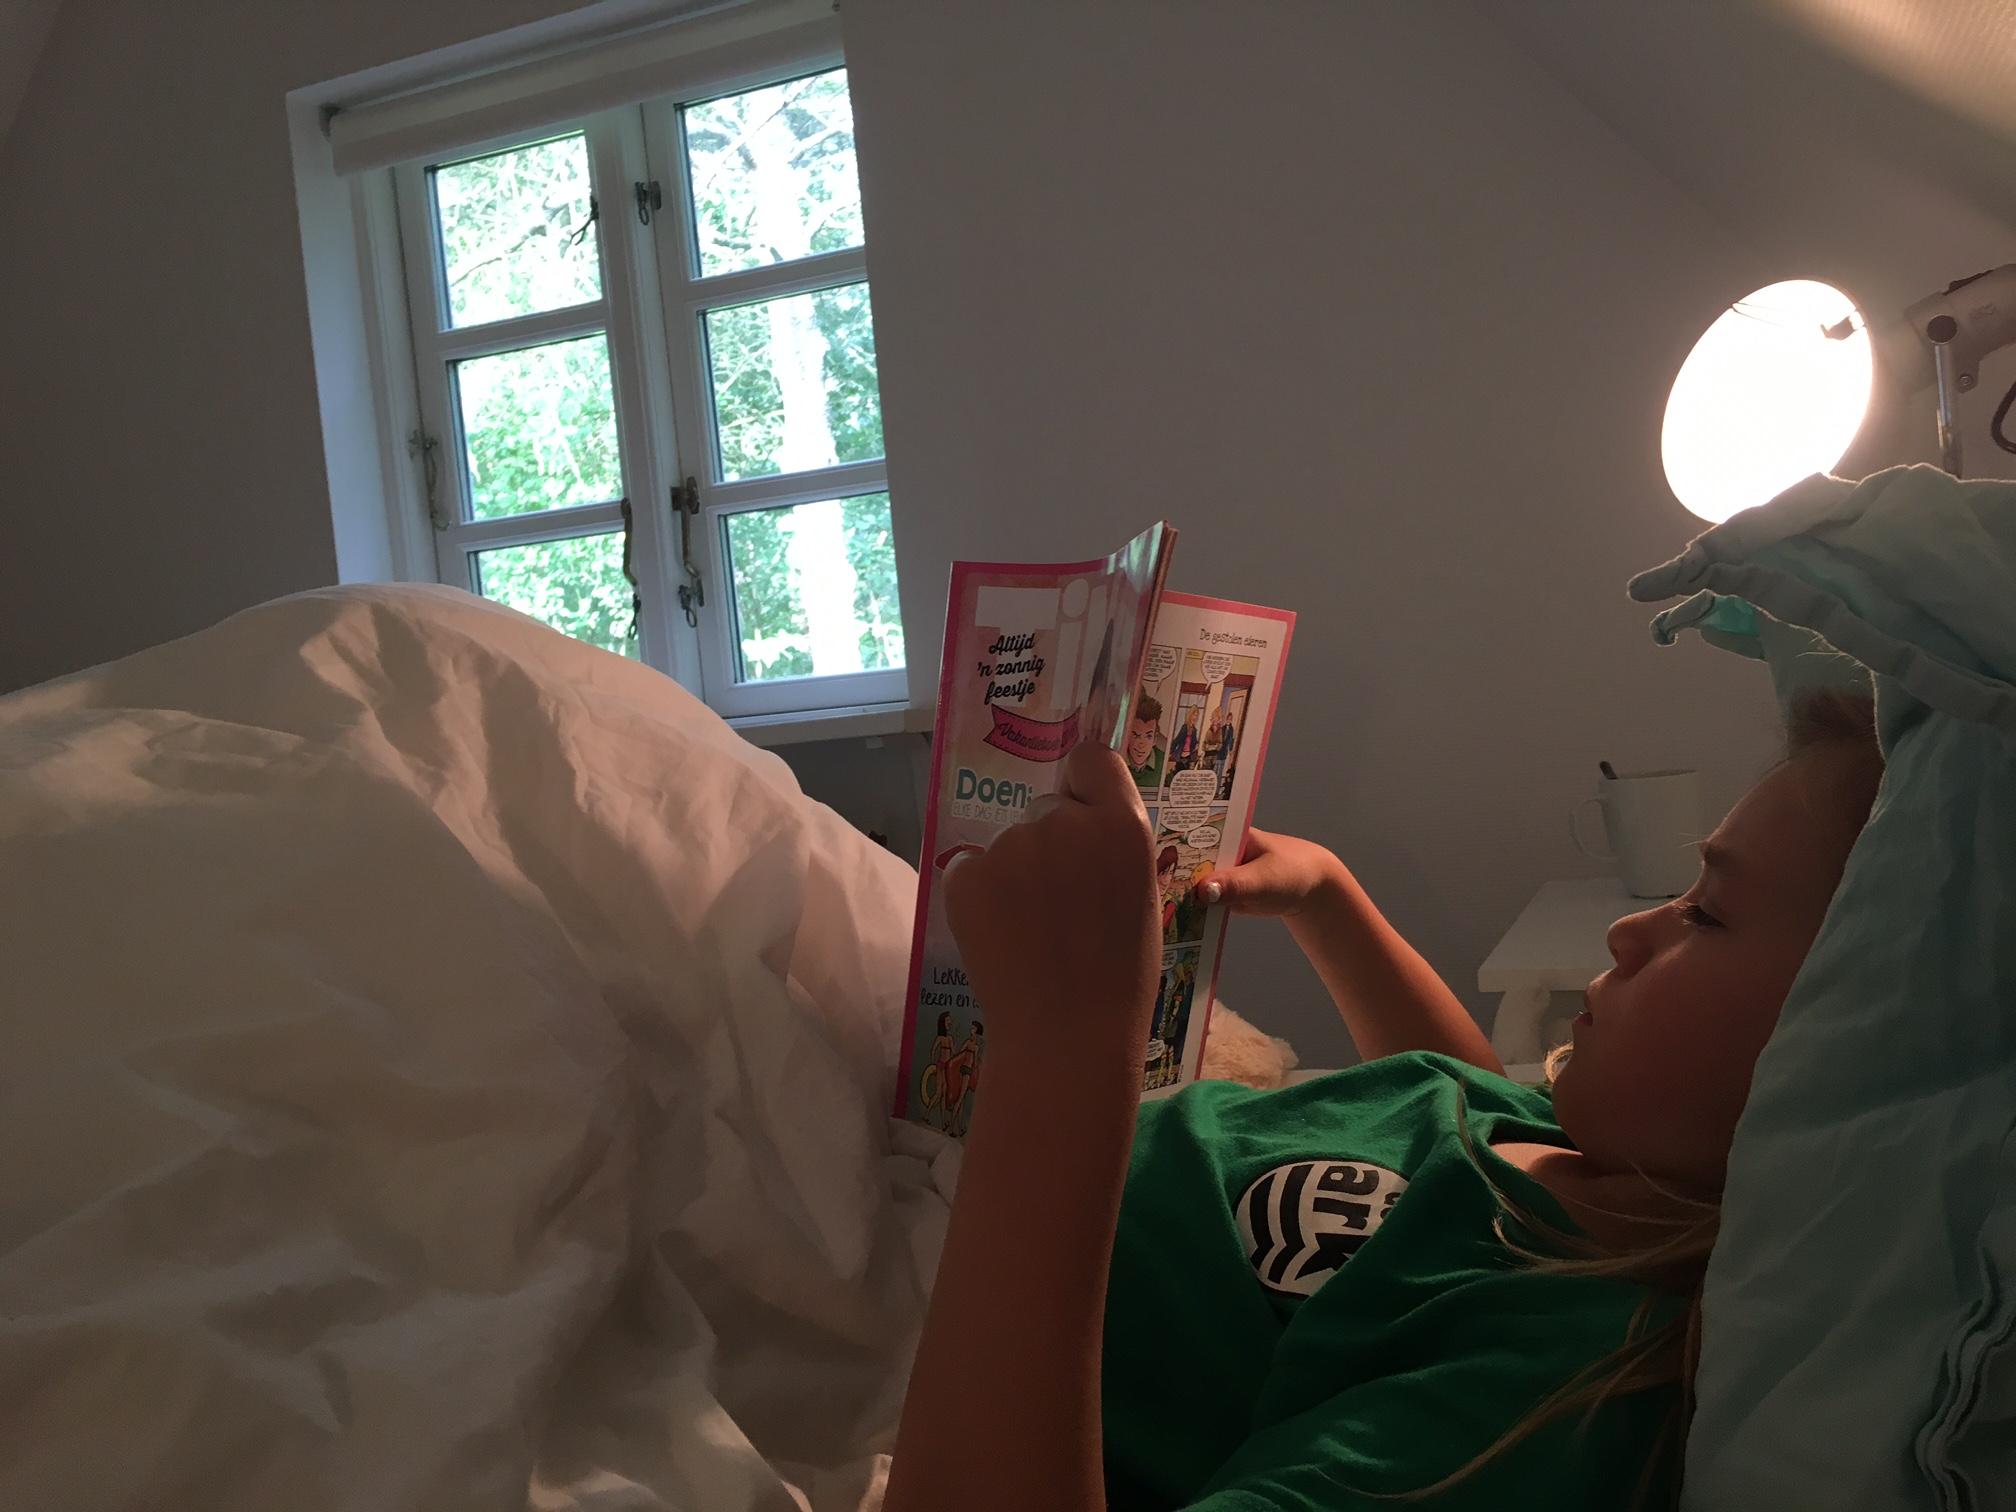 Lekker lui lezen in bed